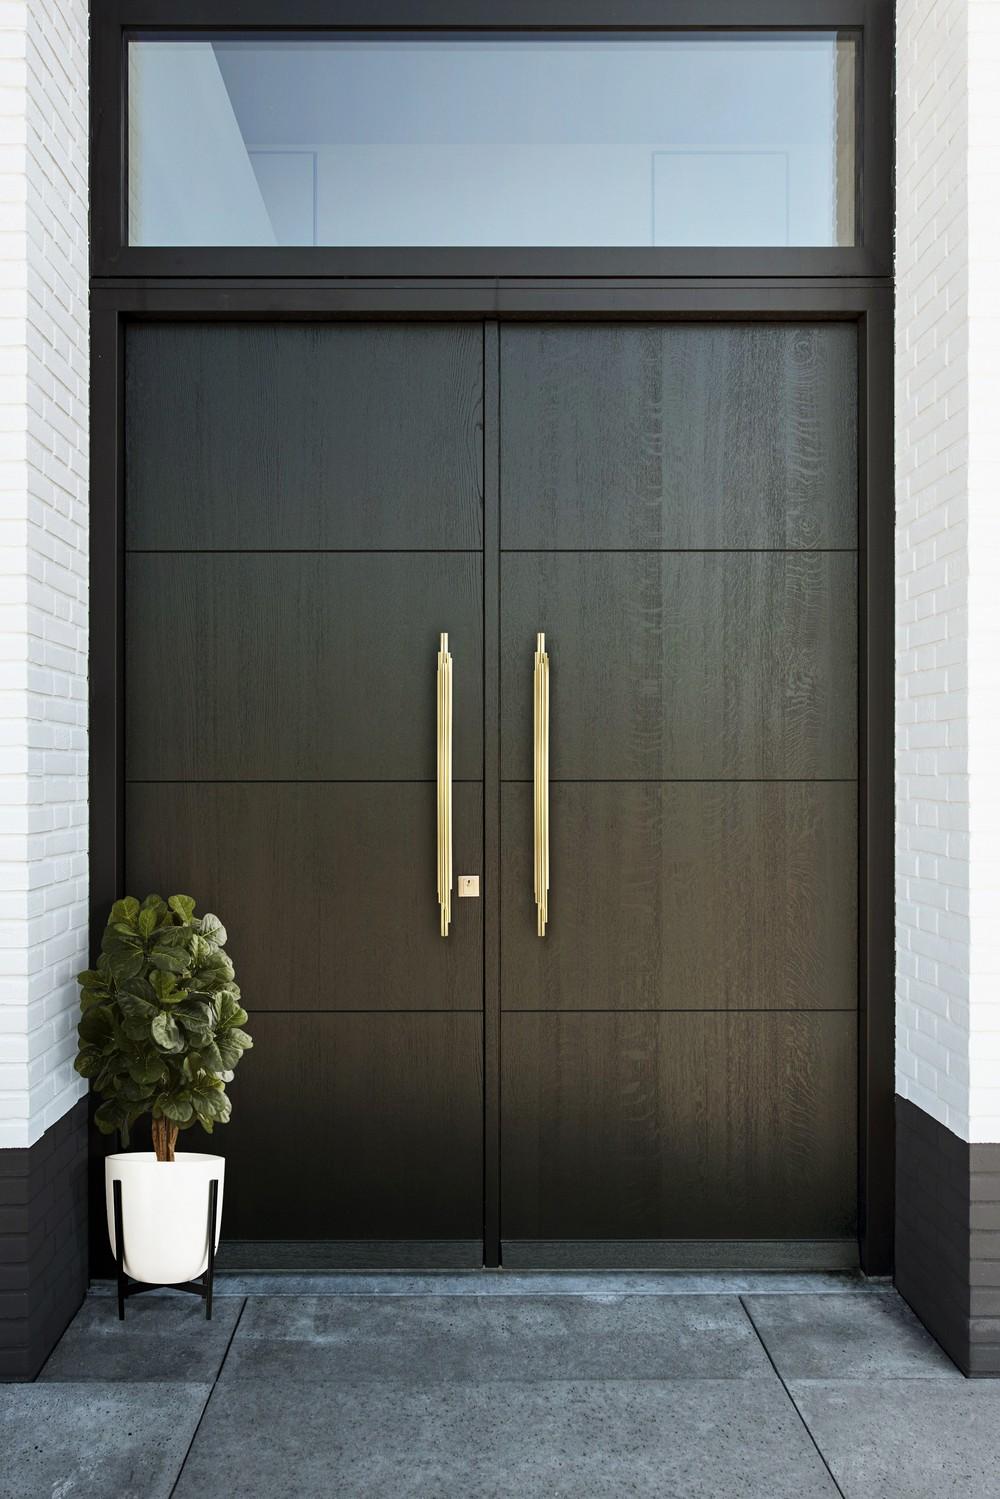 Decorative Hardware 20 Exclusive Door Pulls to Accessorize Your Home 4 door pulls 25 Exclusive Door Pulls to Accessorize Your Home Interiors Decorative Hardware 20 Exclusive Door Pulls to Accessorize Your Home 4